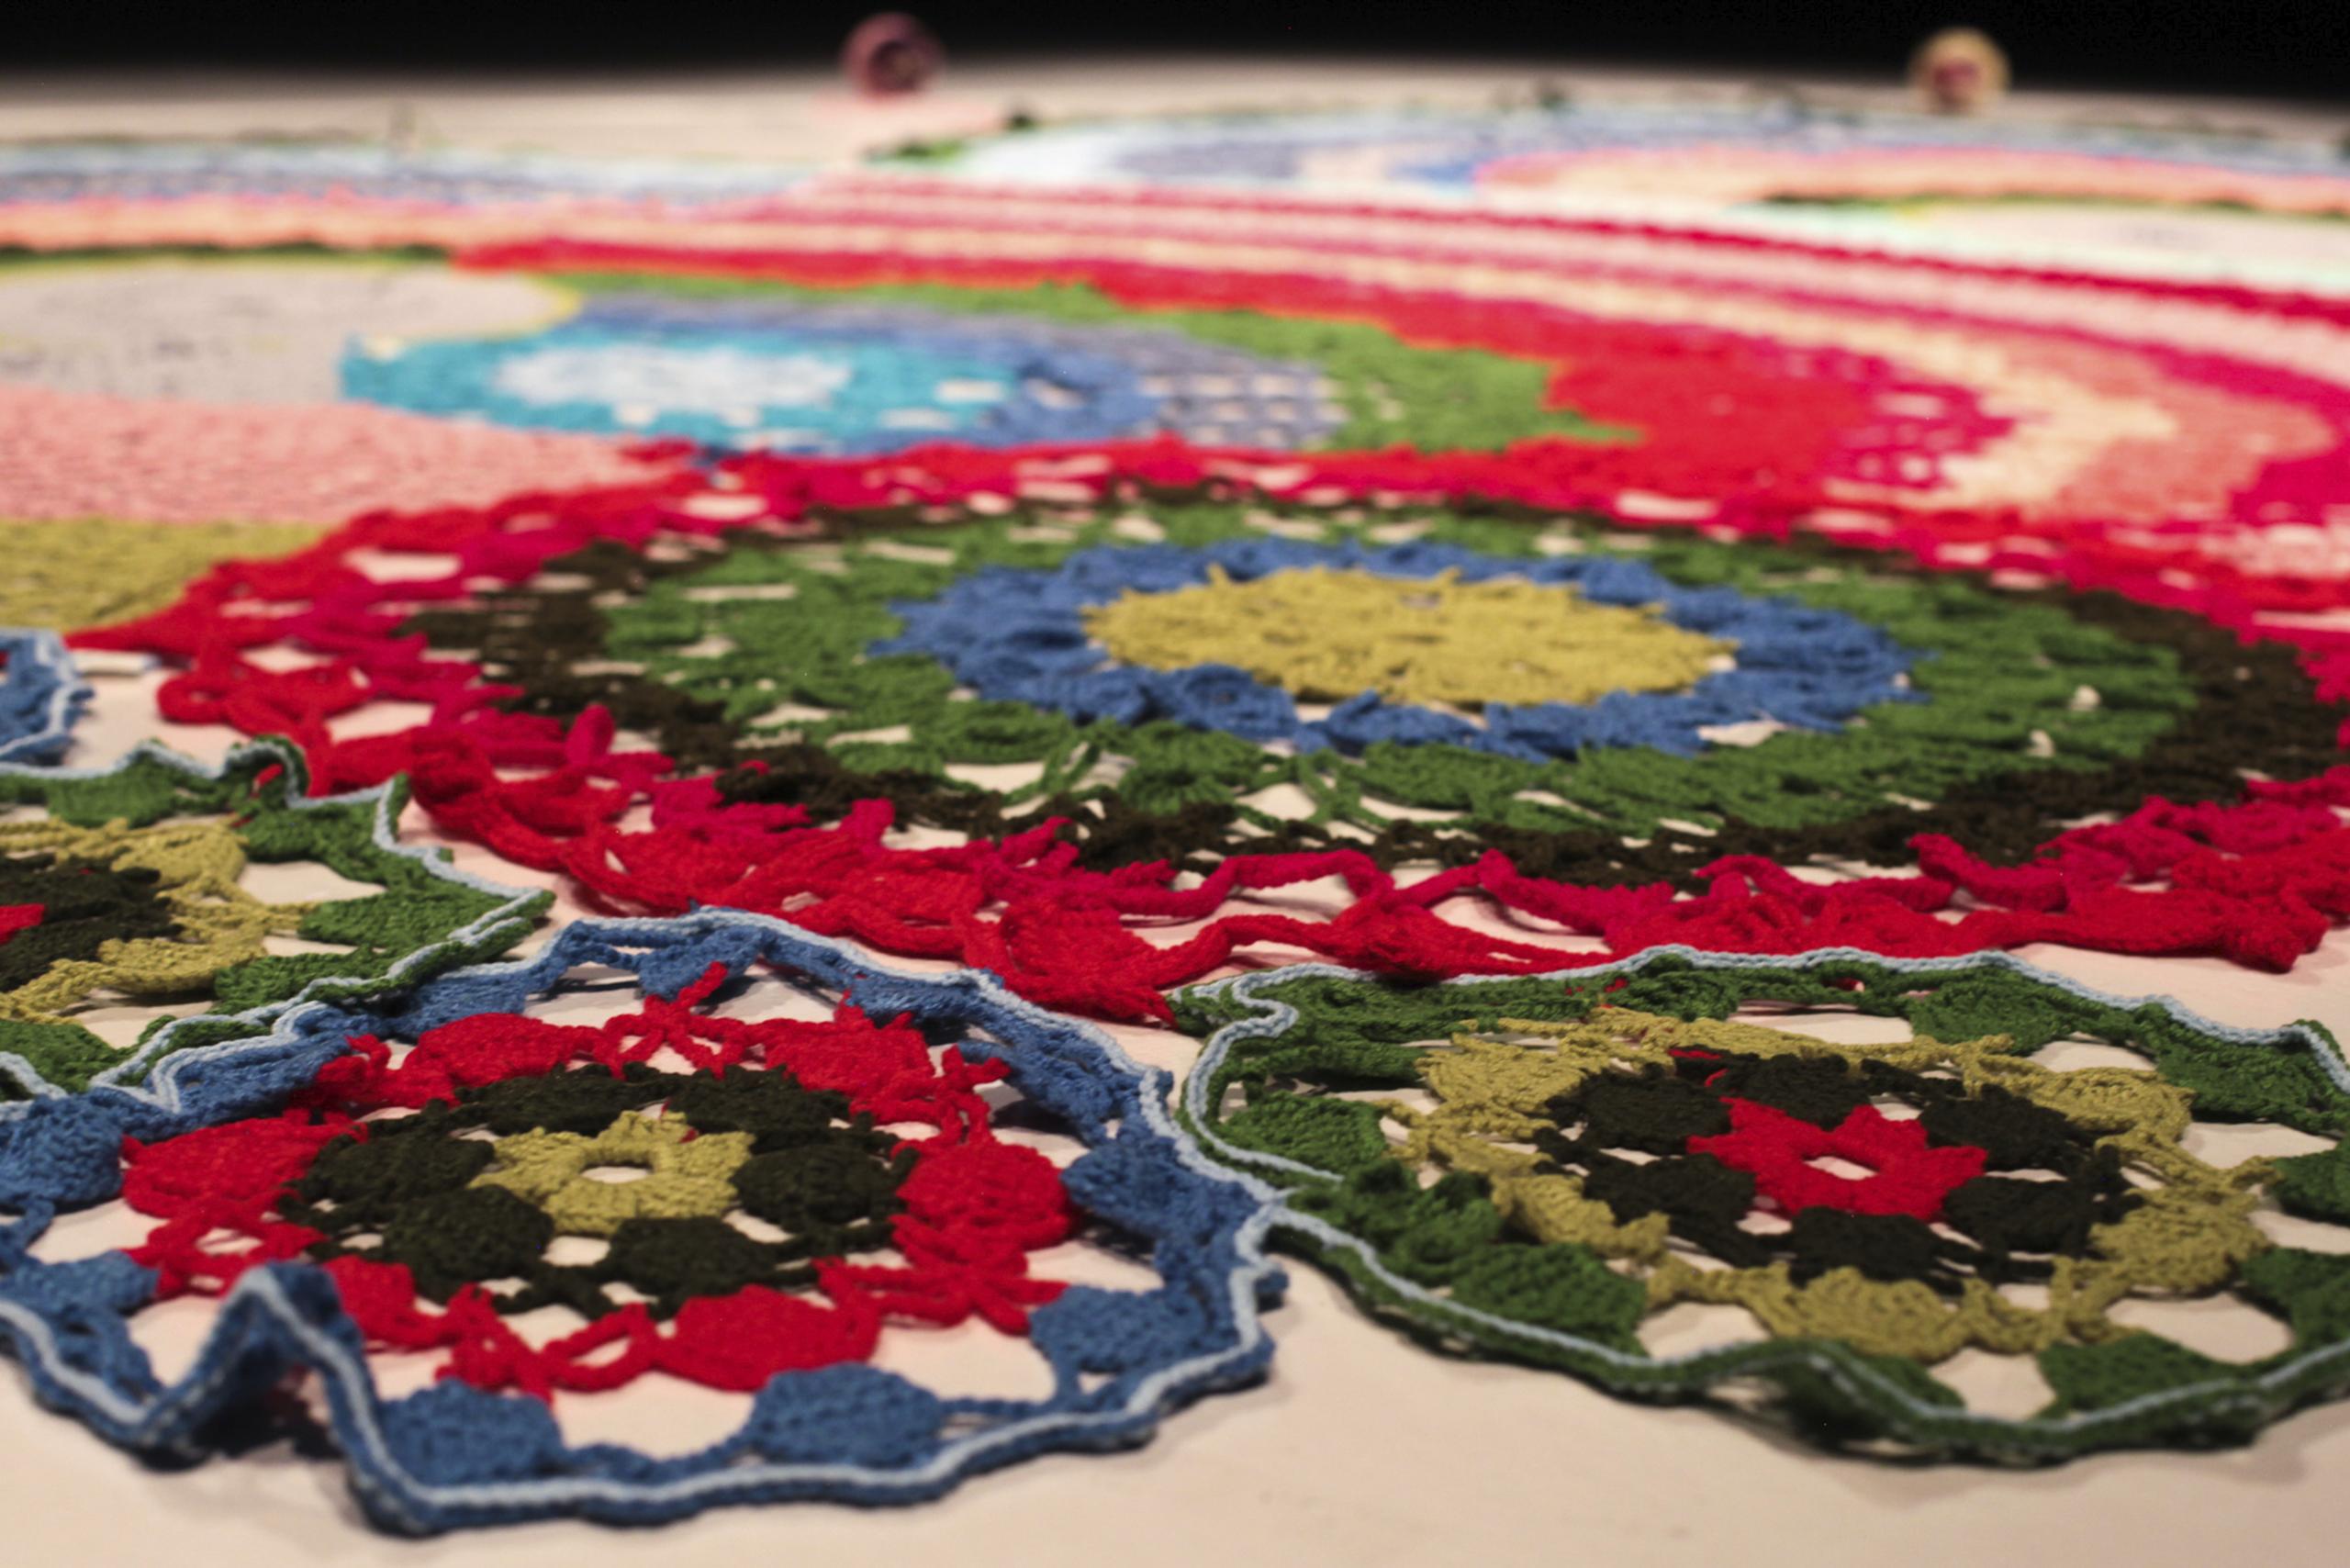 Soy mandala  | Movilizando afectos: Coparticipación e inserción local, tres proyectos artísticos | Museo Amparo, Puebla